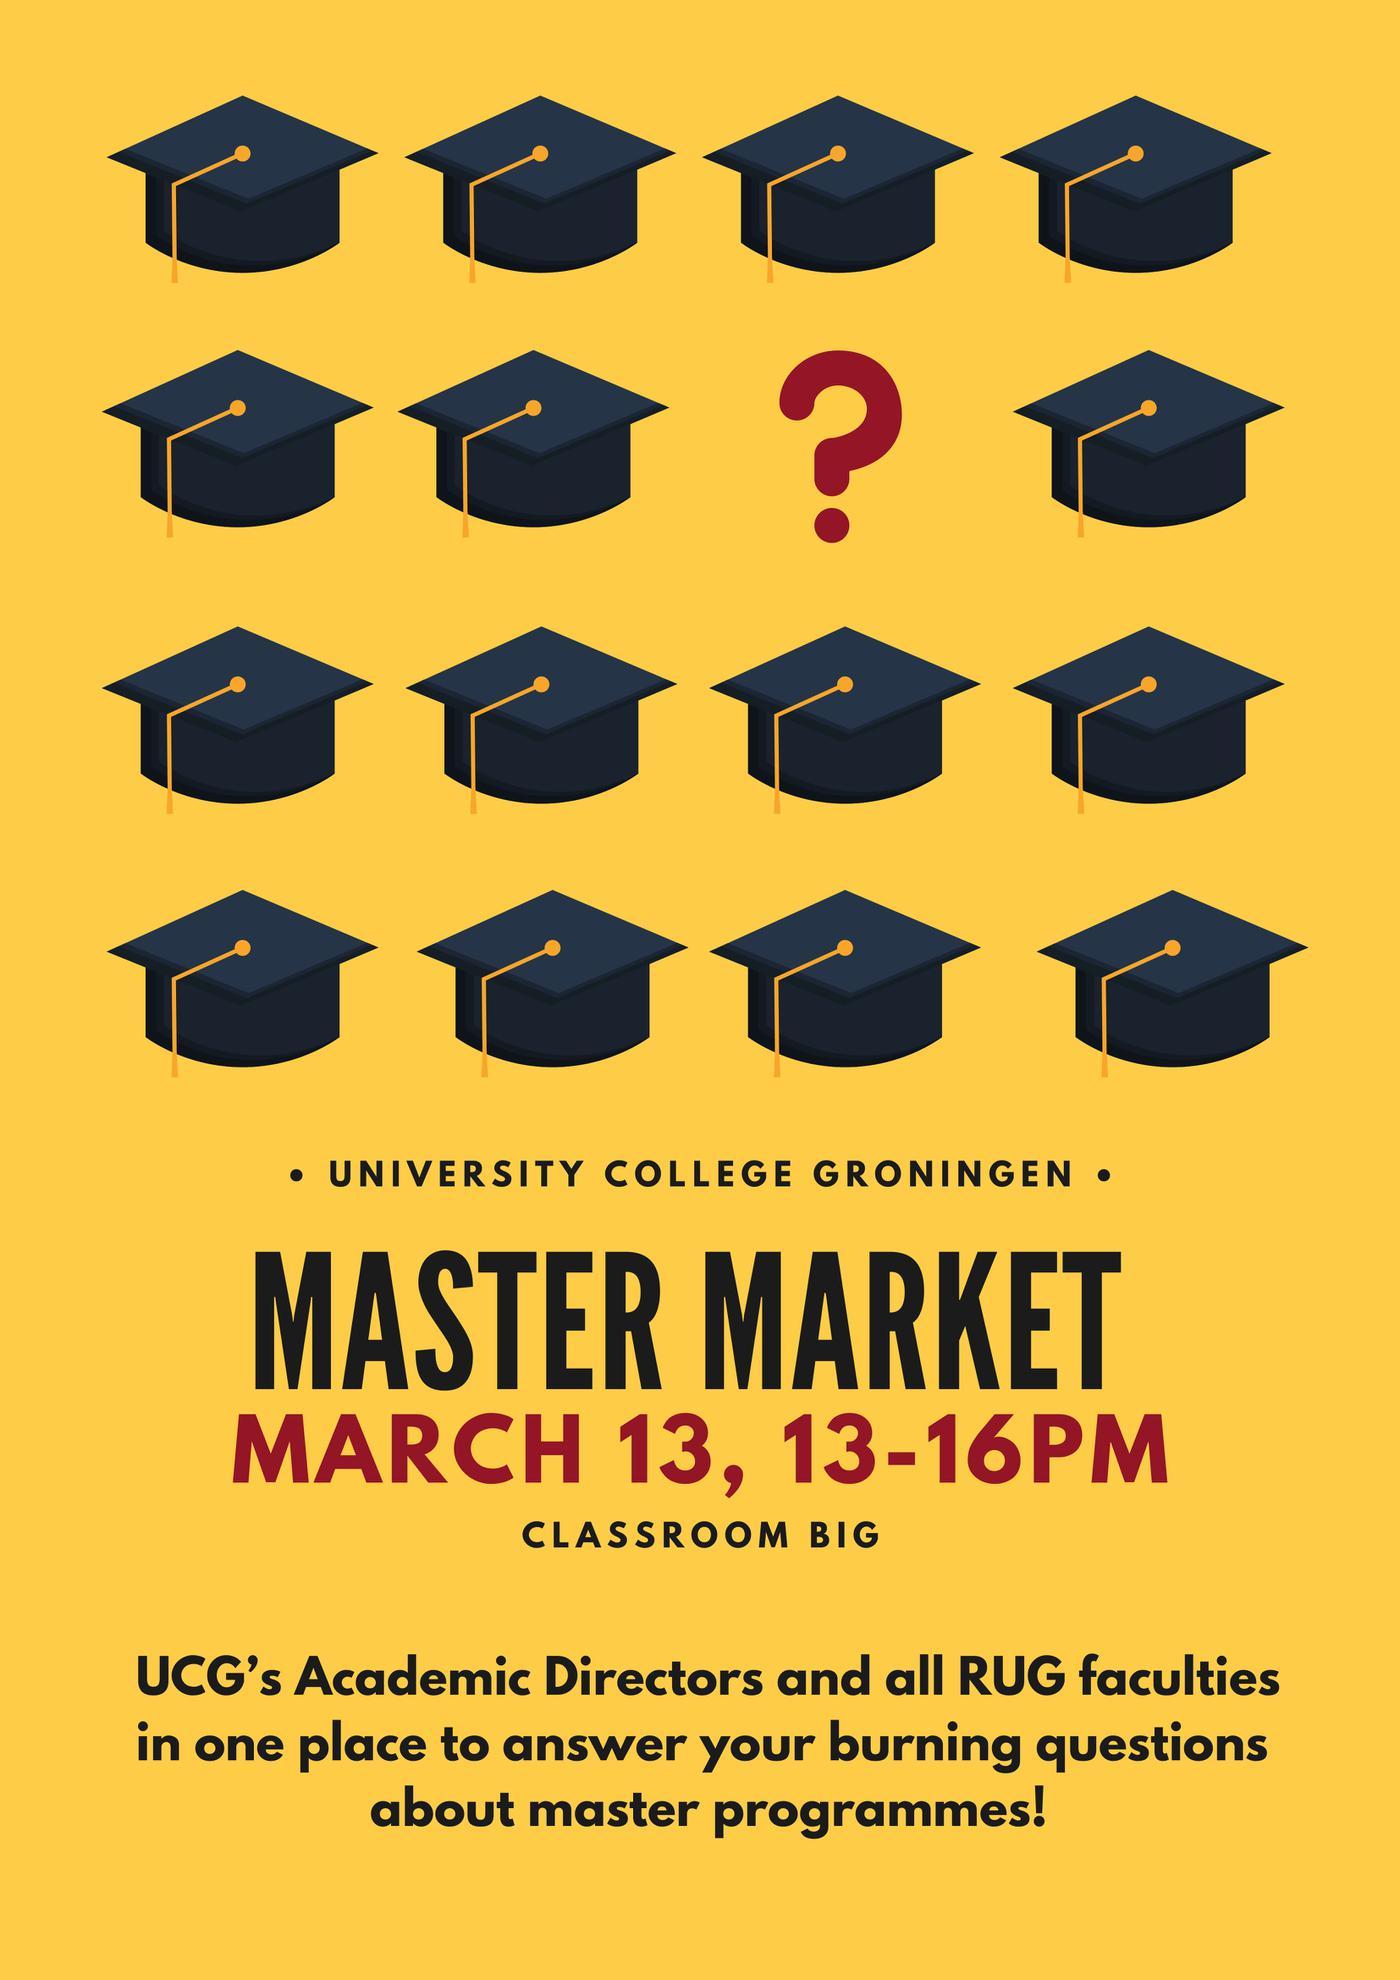 UCG's Master Market